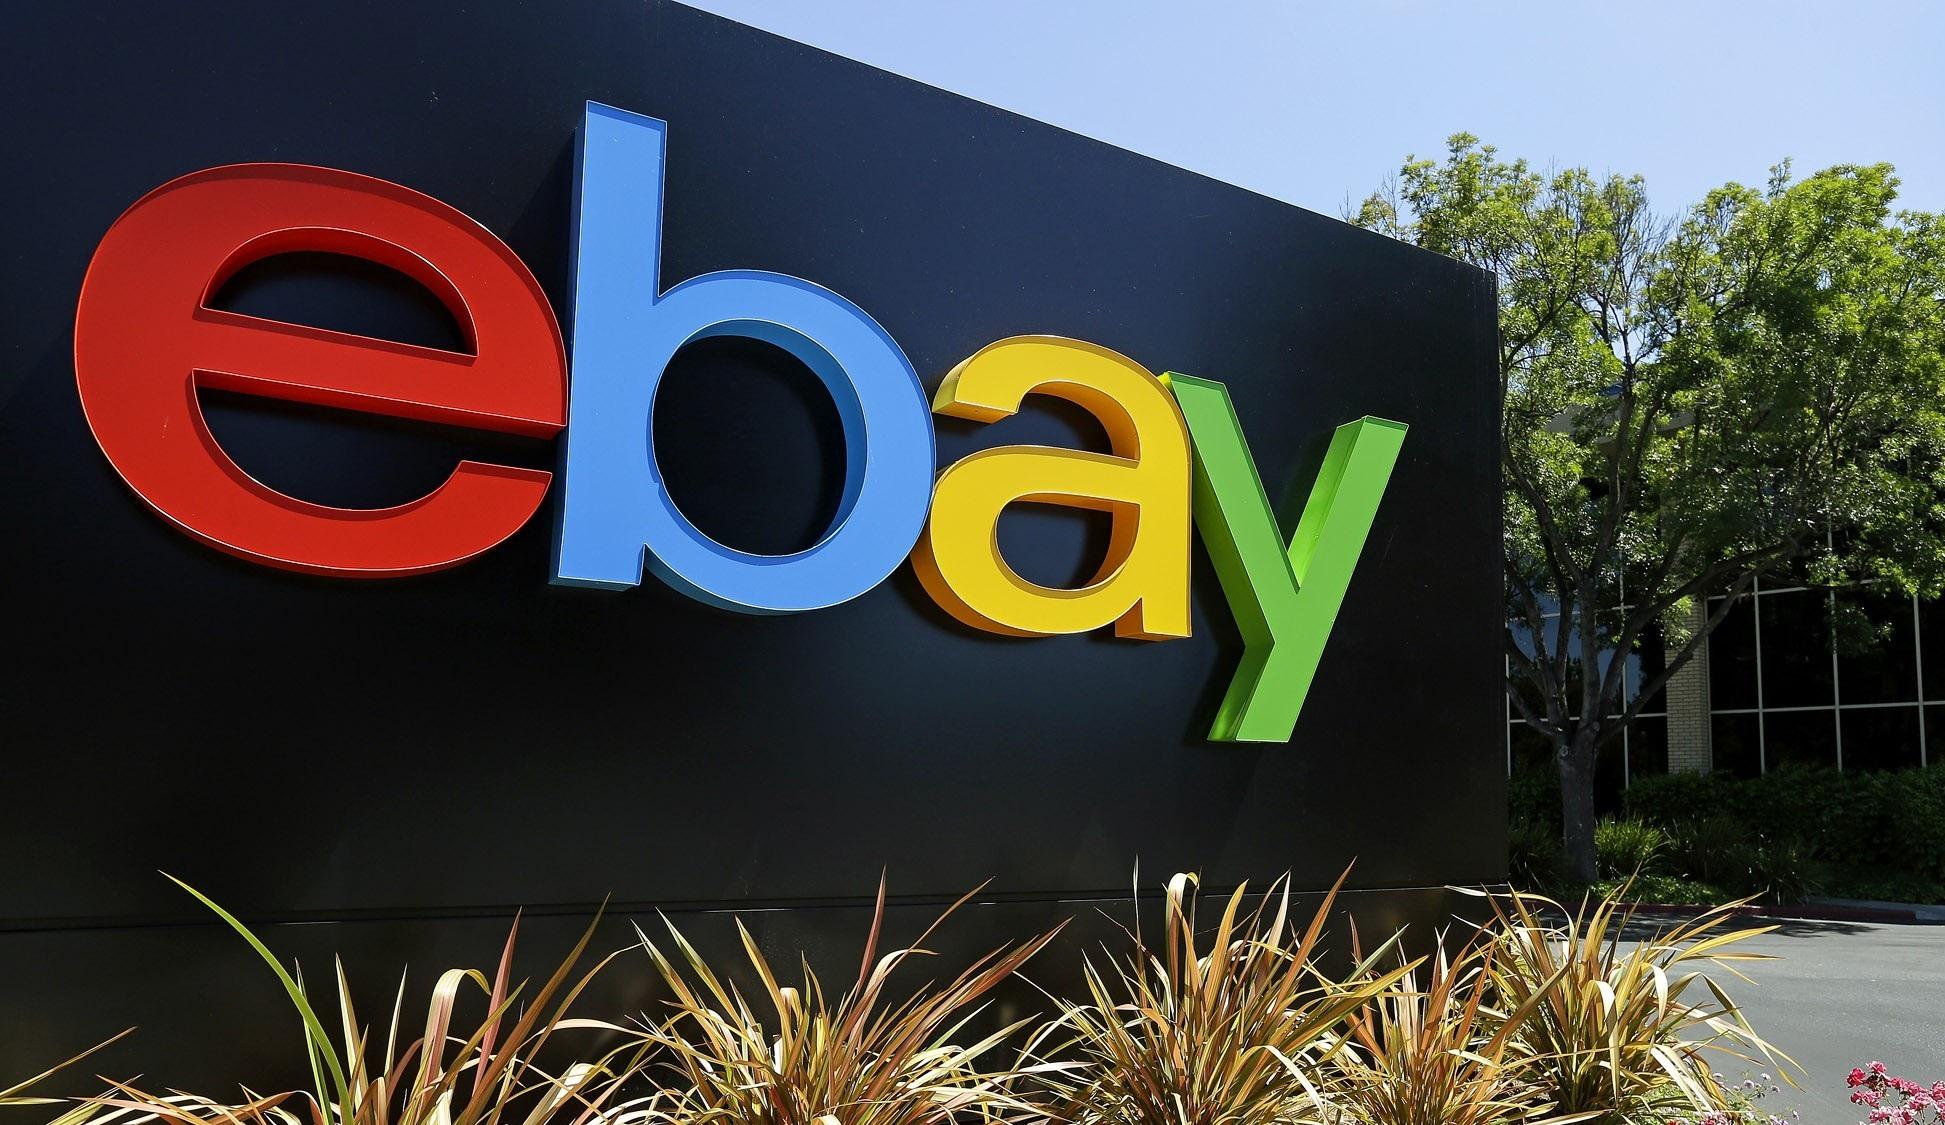 evau prodaet sobstvennoe podrazdelenie ebay enterprise za 925 mln 171 - Как работать с партнерской программой еbay